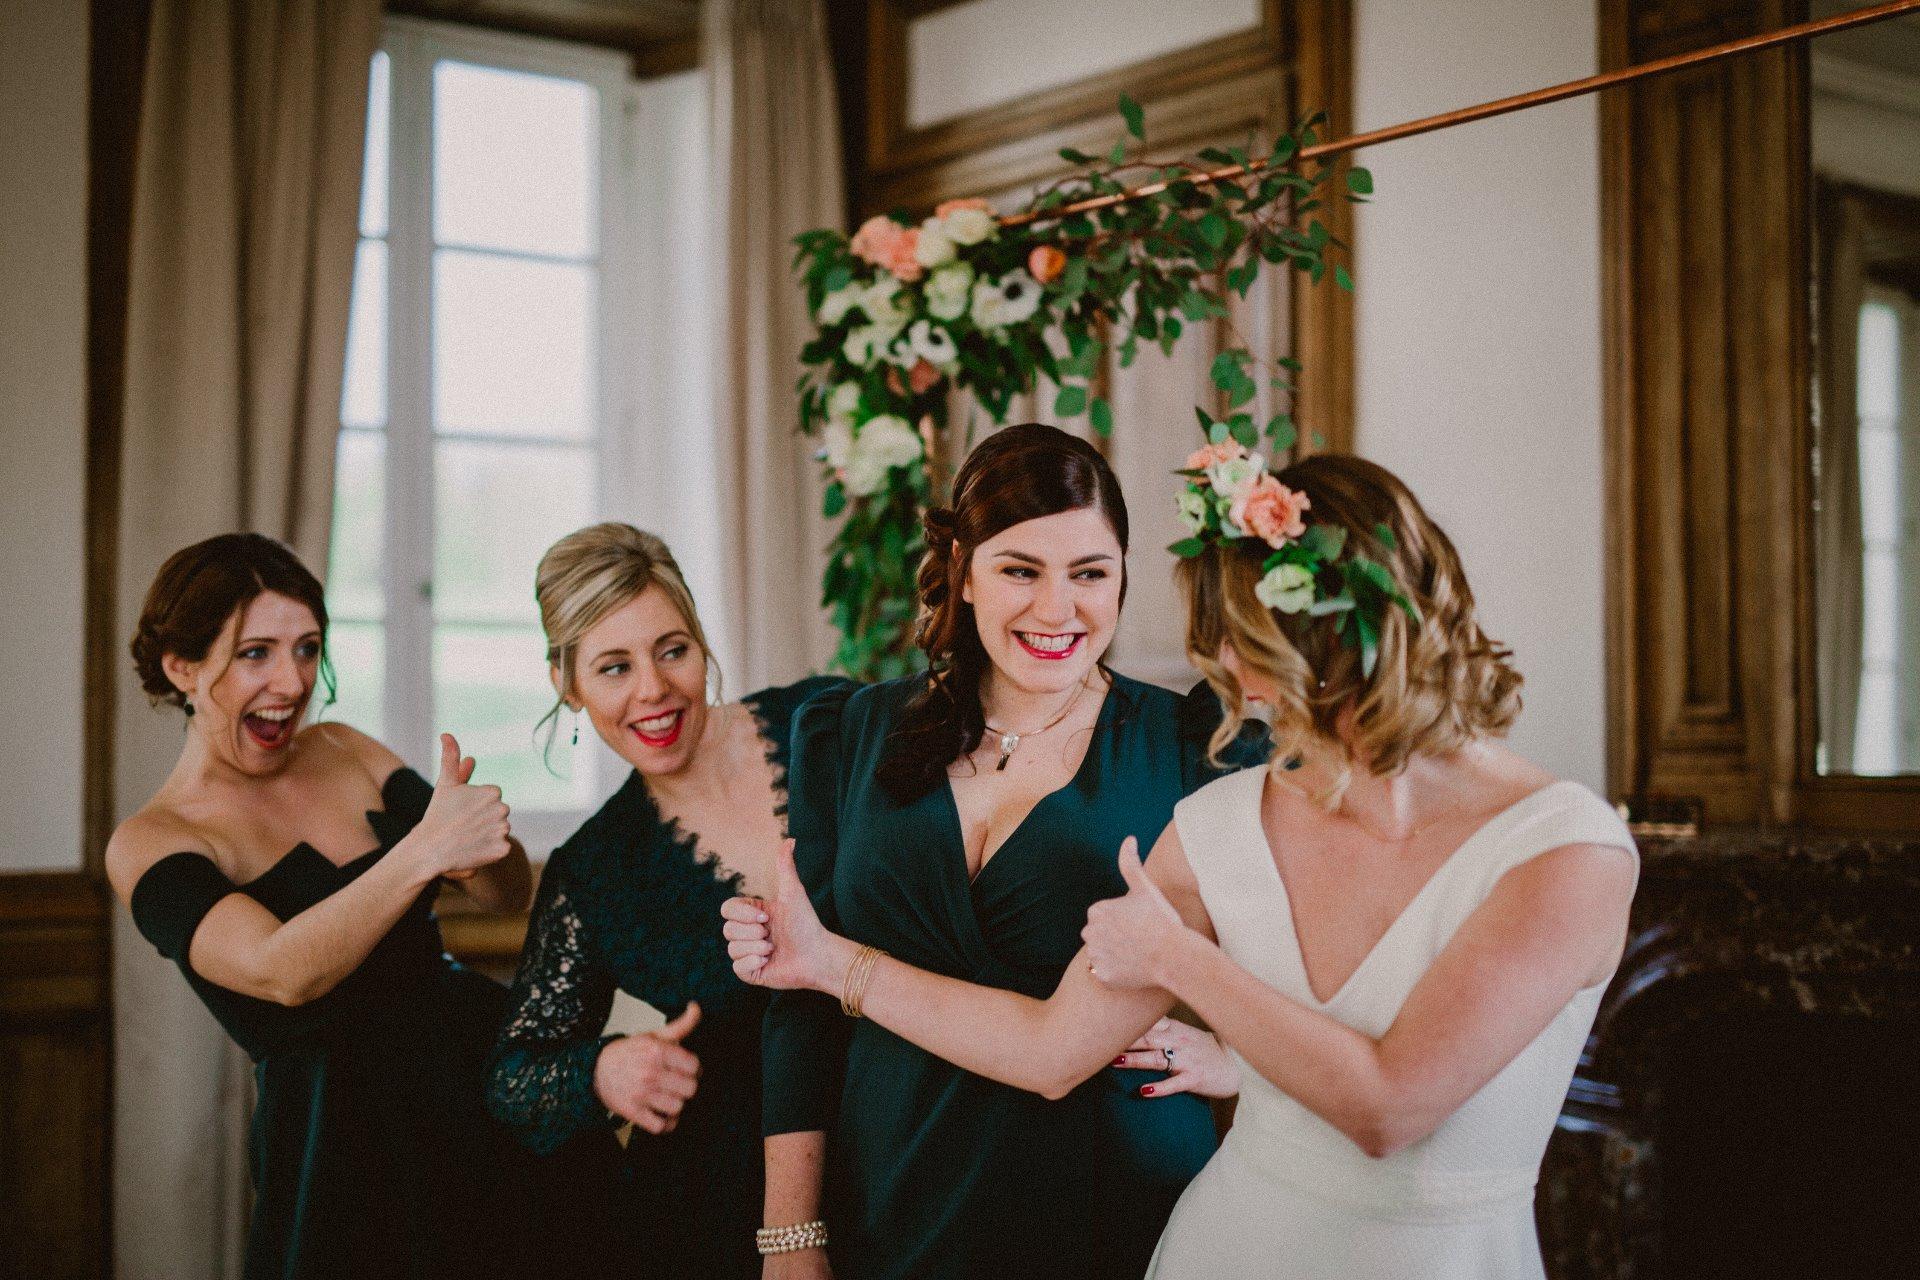 sterenn-officiante-ceremonie-laique-demoiselles-d'honneur-mariage-vert-foret-114